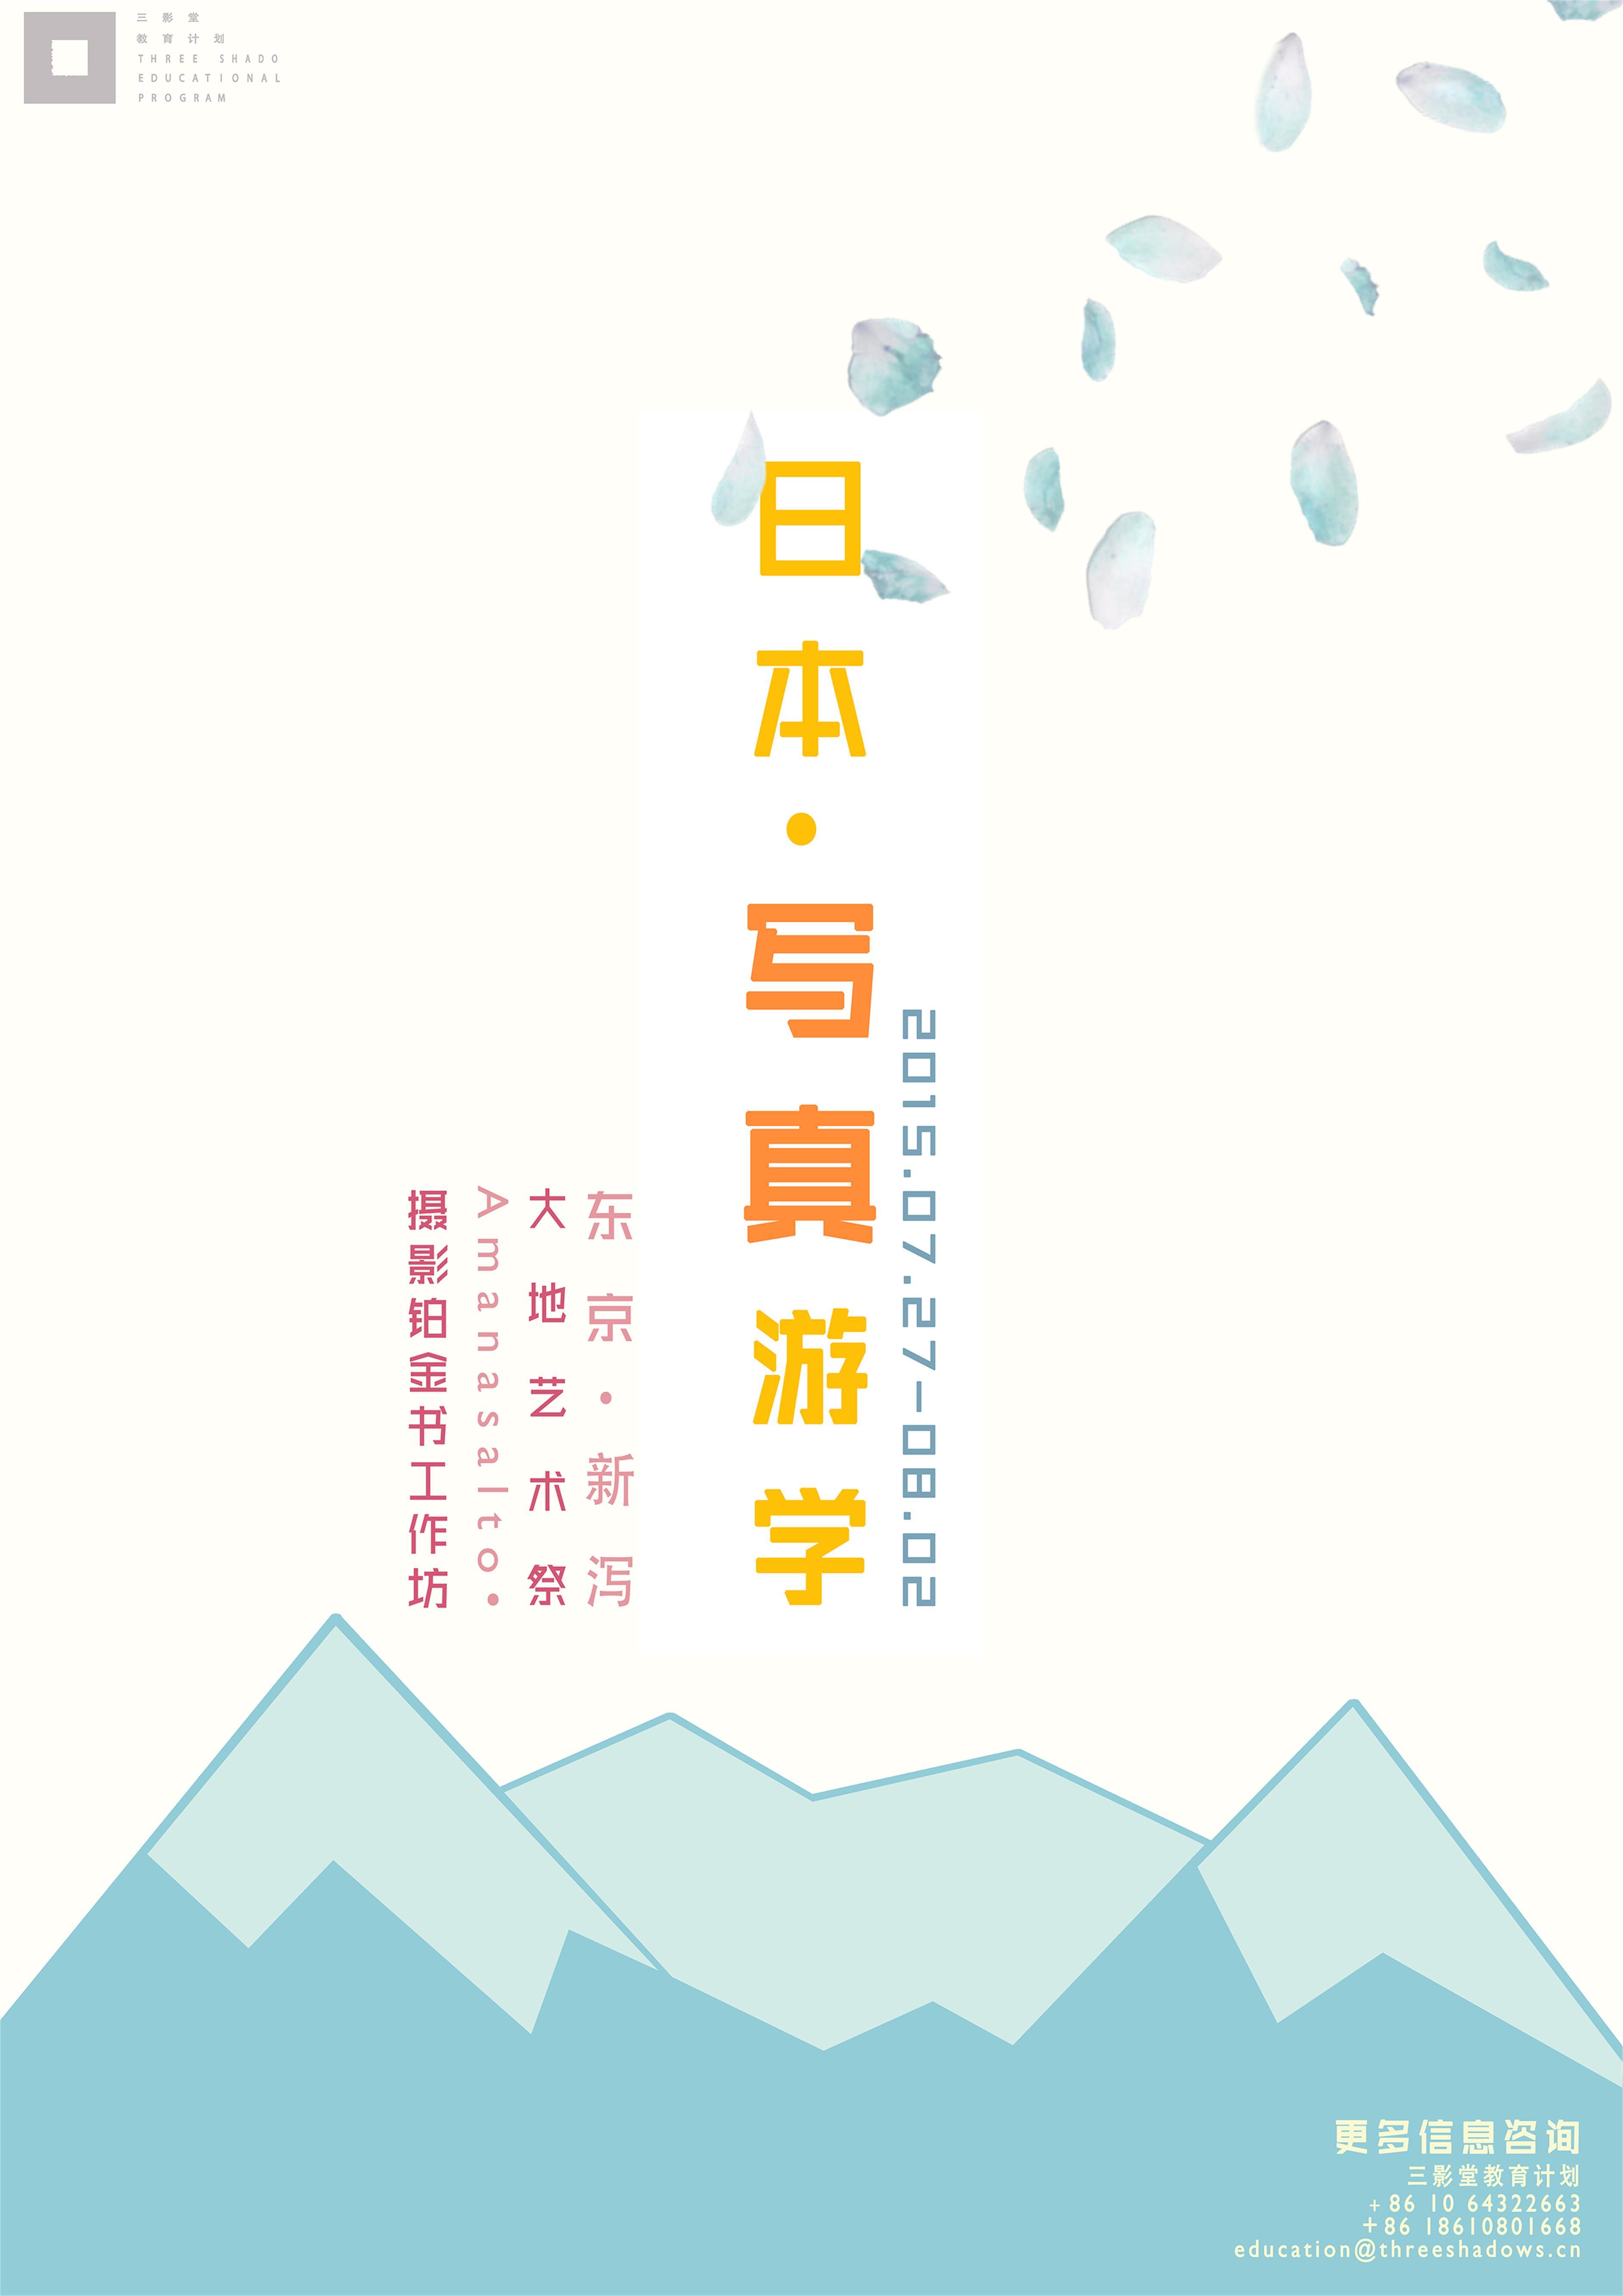 2015 三影堂·日本写真游学   大地艺术祭 x AMANAsalto铂金摄影工作坊